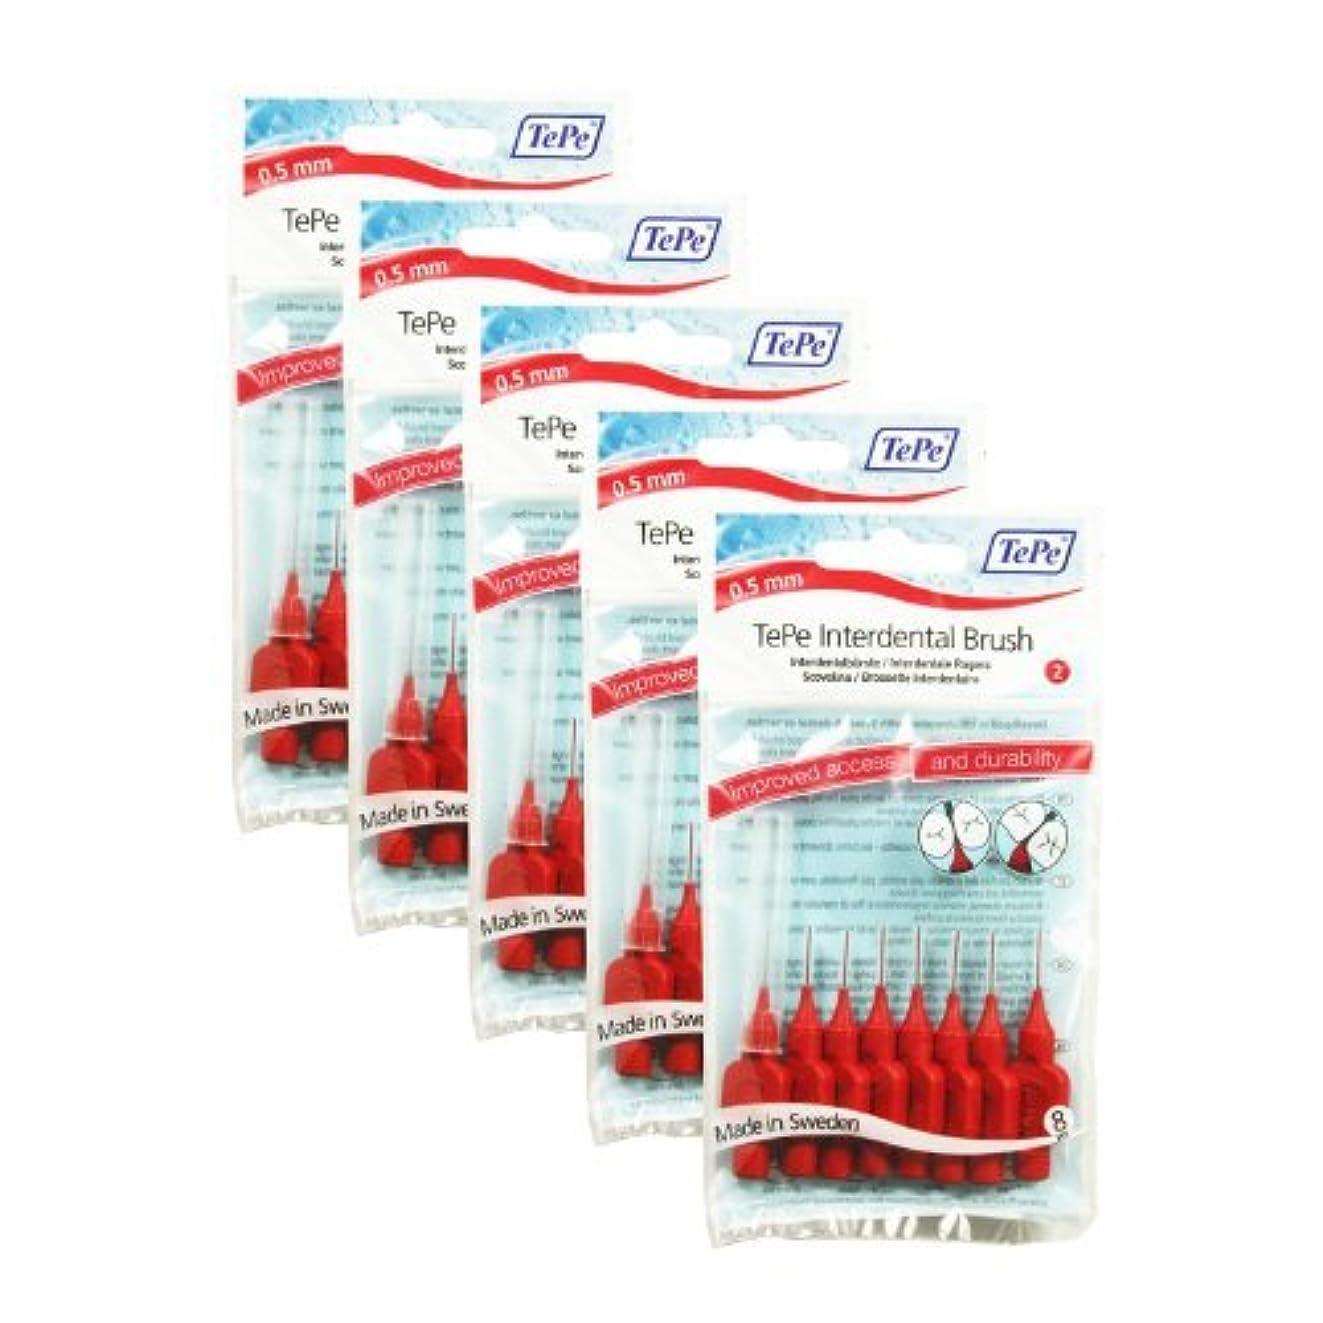 代わりにバルコニー外科医TePe Interdental Brushes RED 0.55 mm - 40 Brushes (5 Packs of 8) by TePe